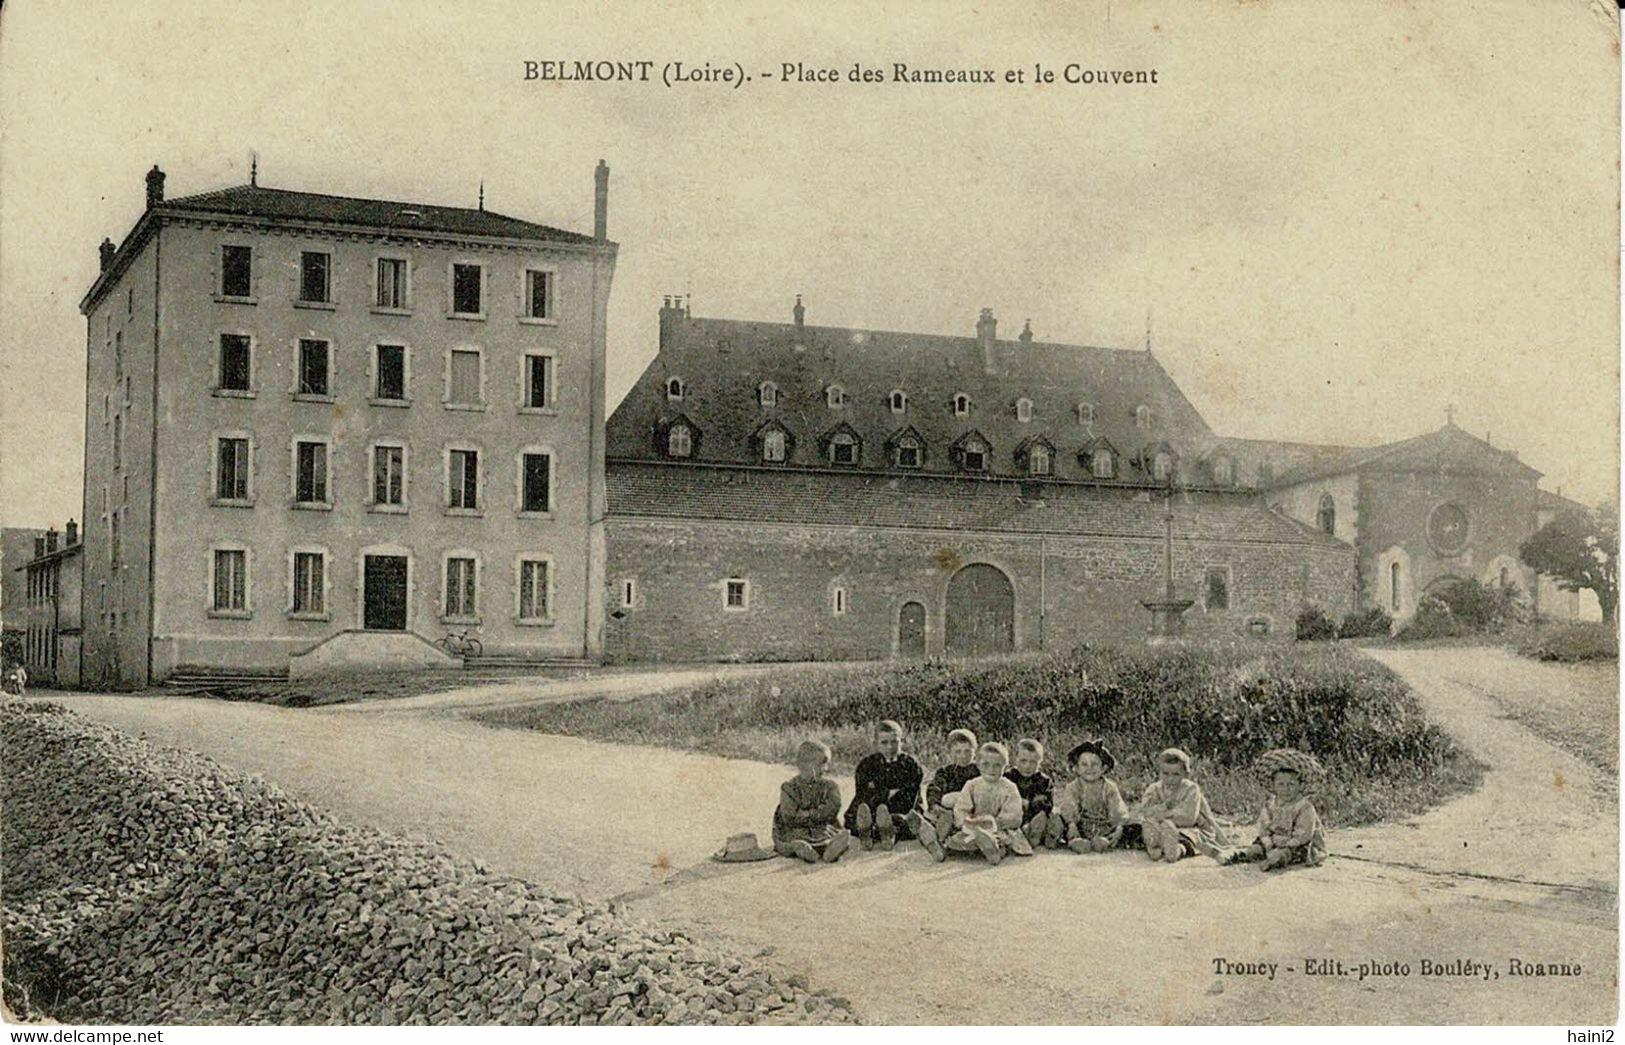 BELMONT  PLACE DES RAMEAUX ET LE COUVENT BIEN ILLUSTRE - Belmont De La Loire